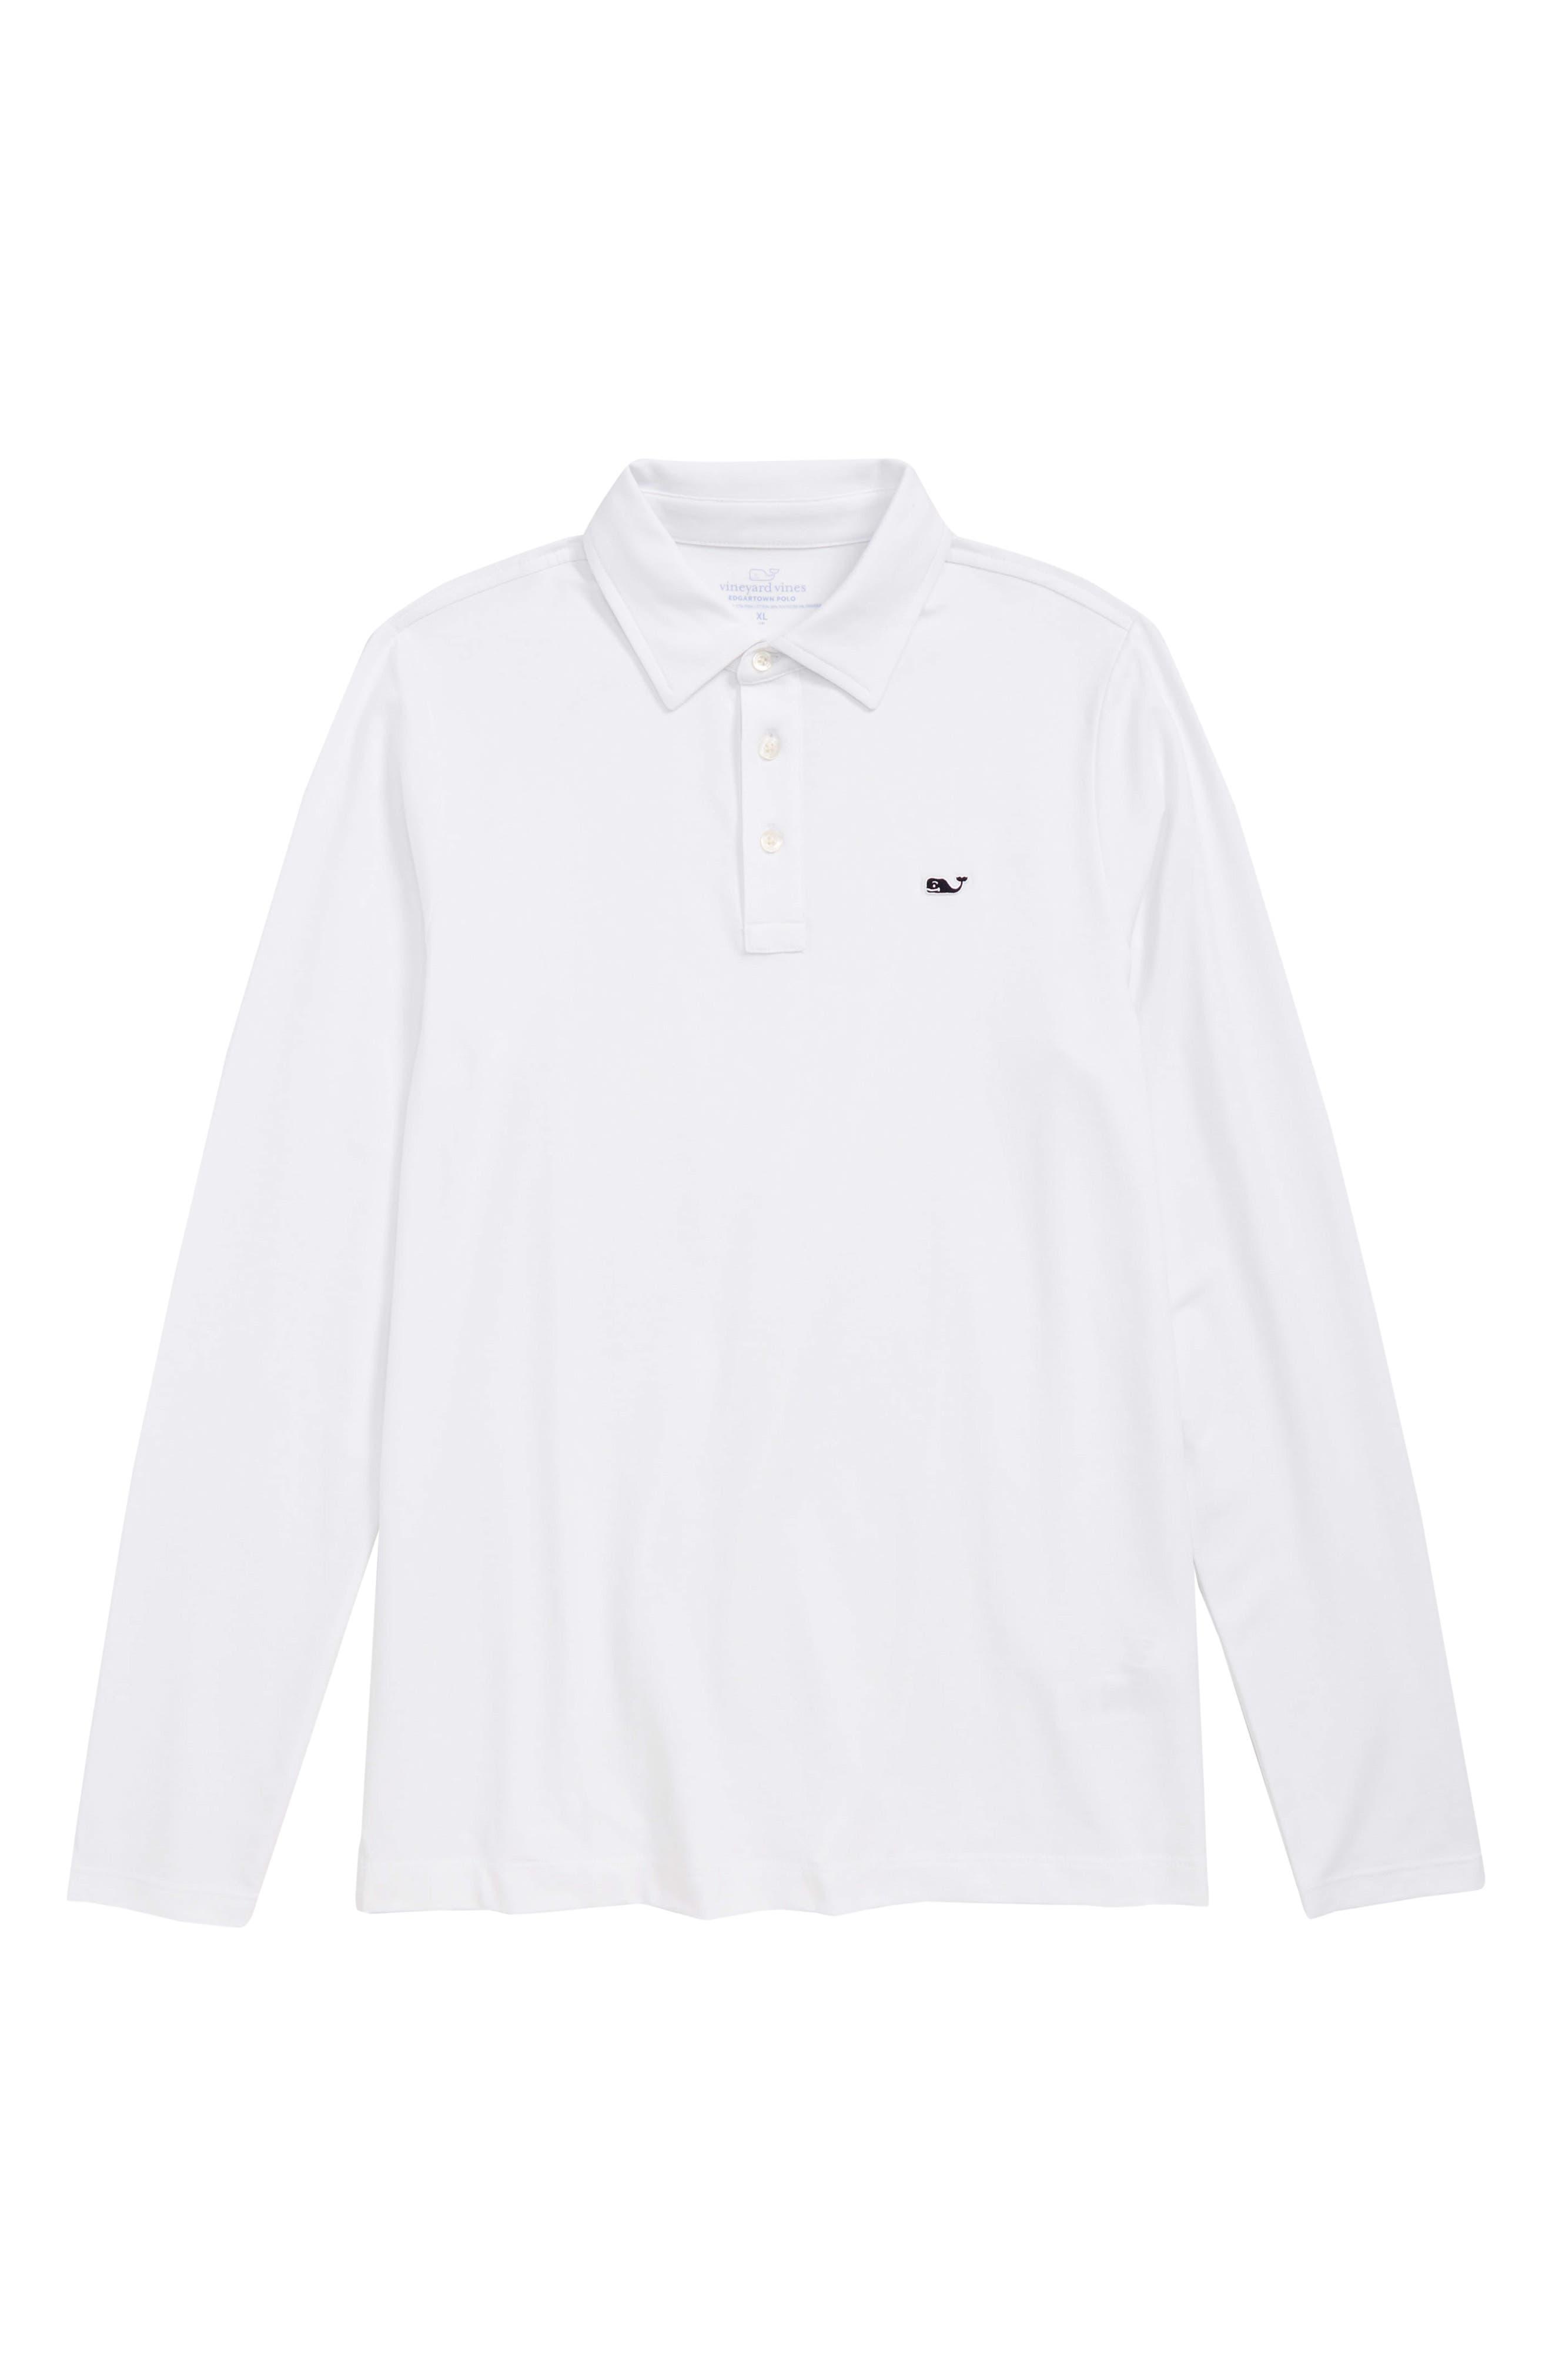 Edgartown Long Sleeve Polo,                         Main,                         color, WHITE CAP